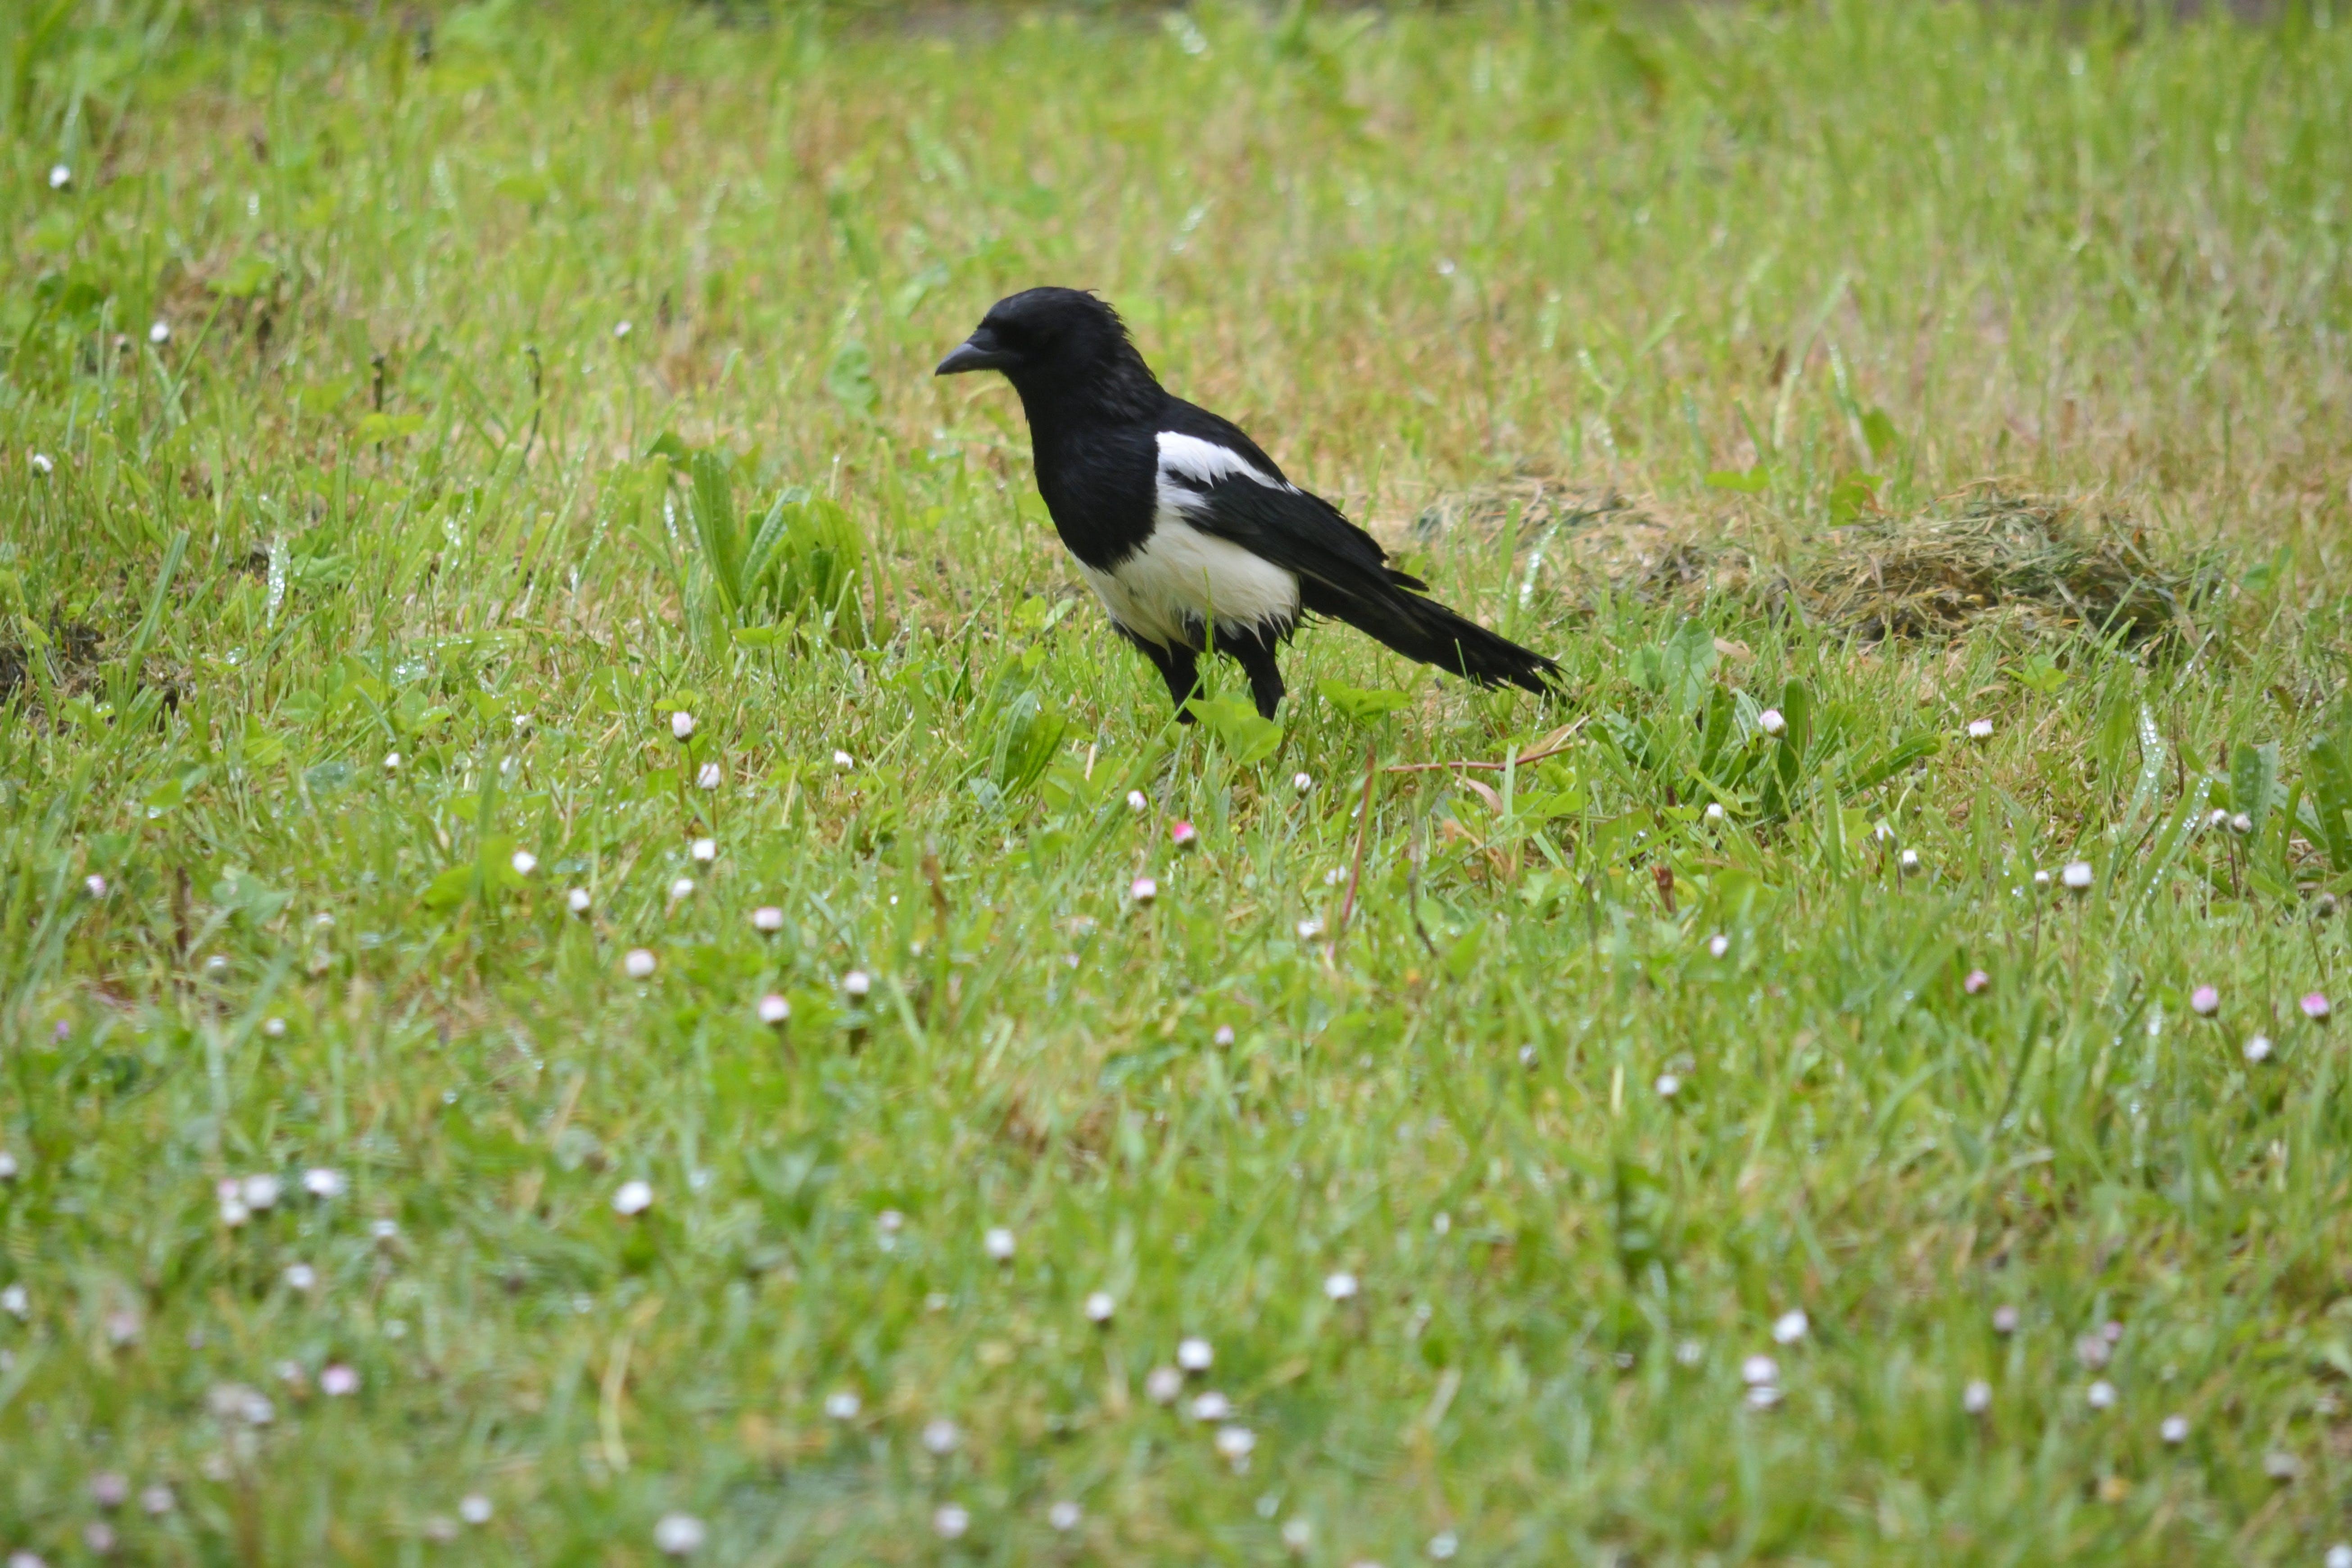 Δωρεάν στοκ φωτογραφιών με bec, faune, noir et blanc, oiseau